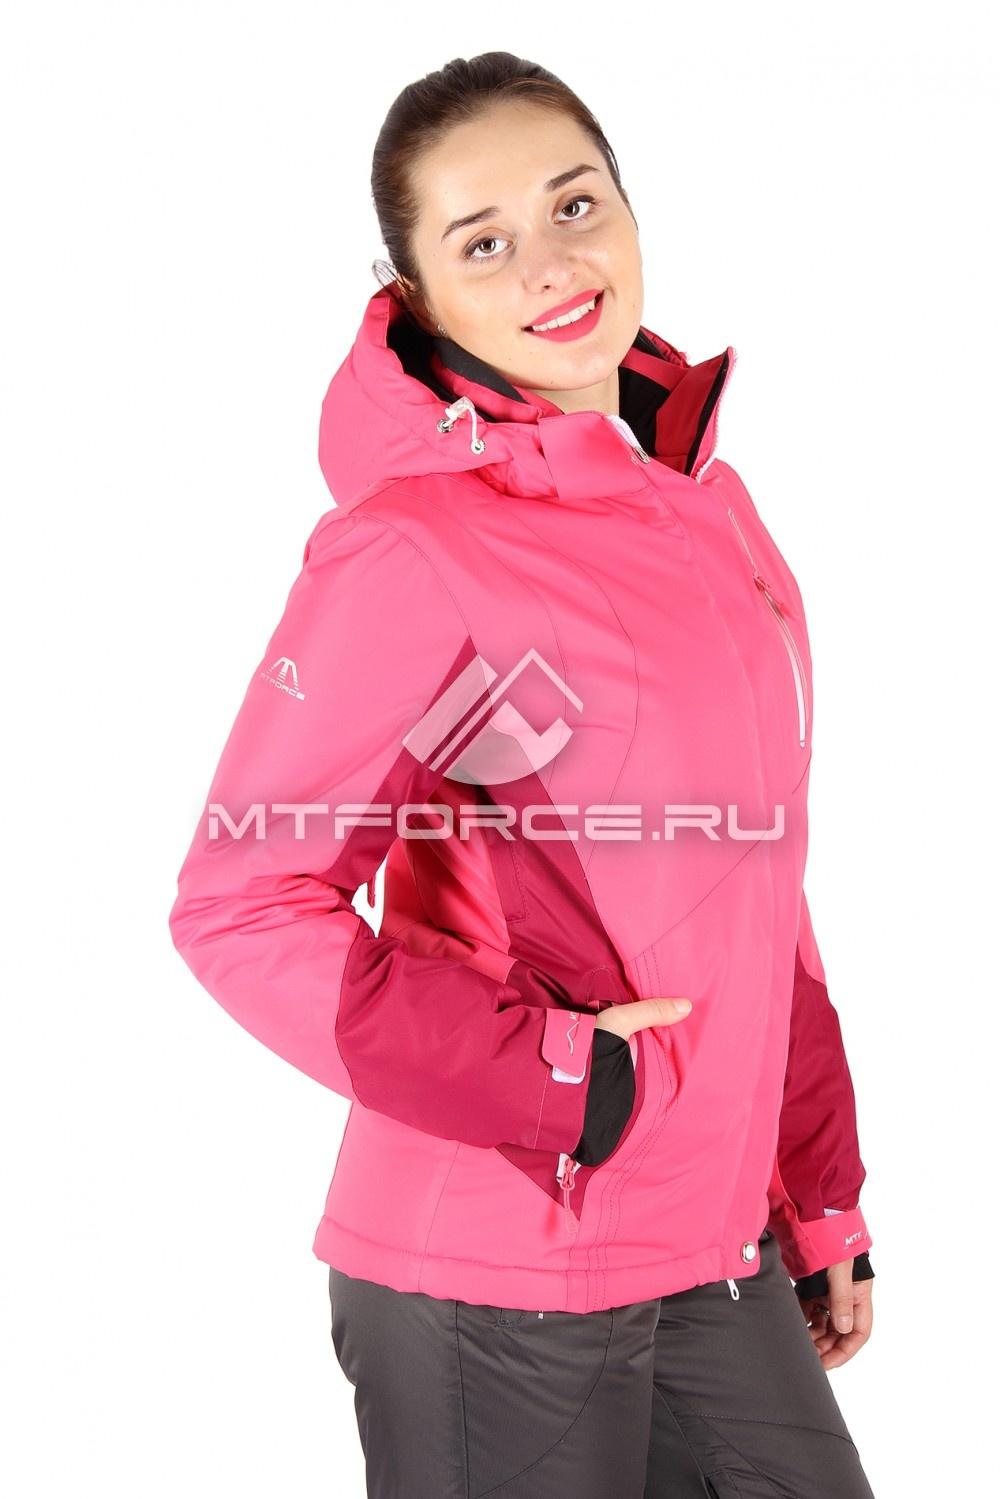 Купить                                  оптом Куртка горнолыжная женская розового цвета 1517R